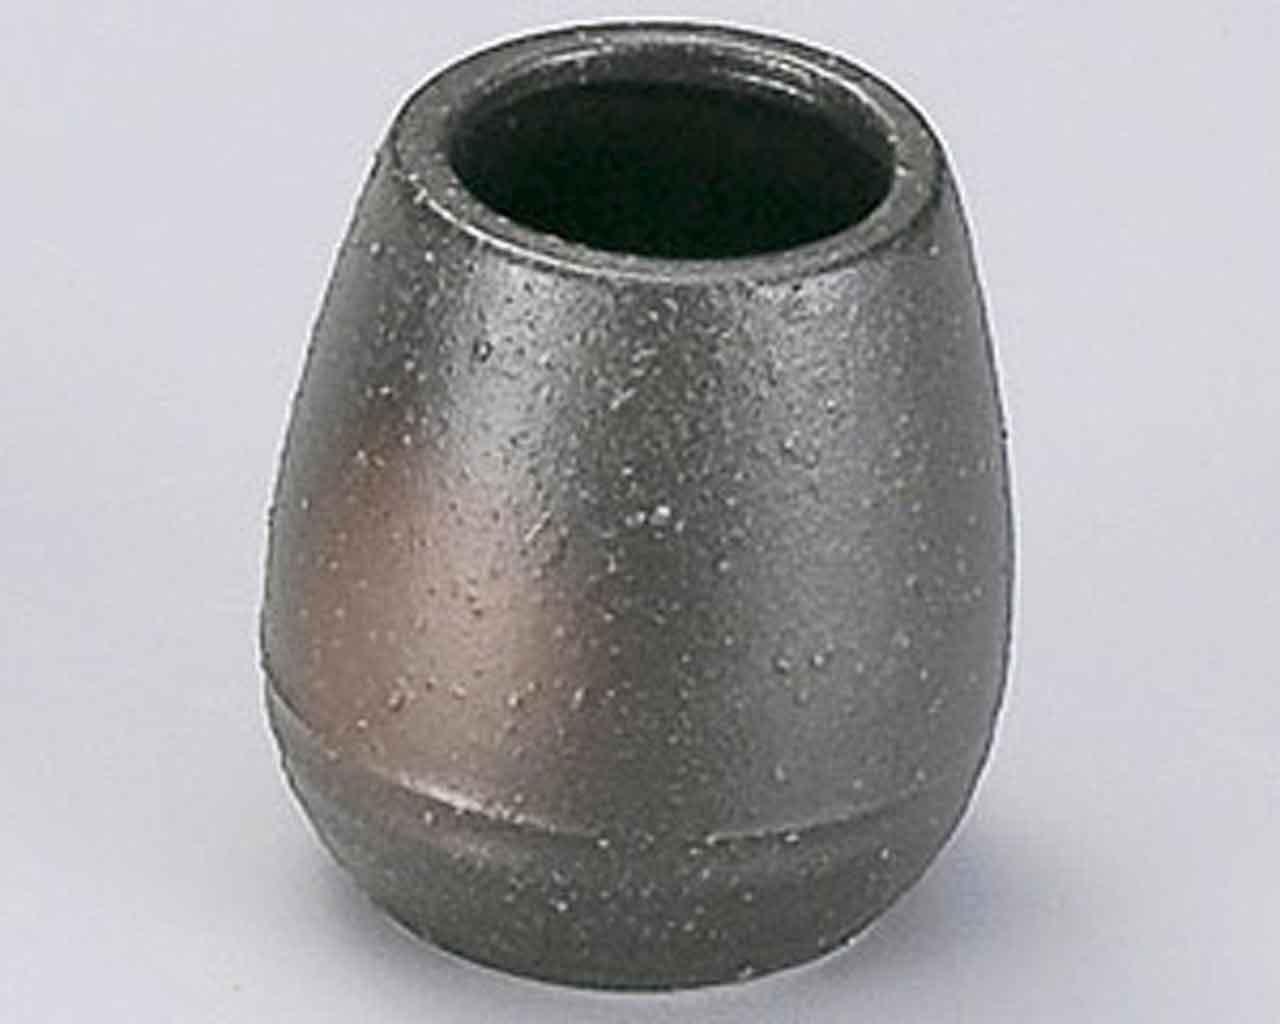 Bizen 1.8inch Set of 5 Toothpick holders Black porcelain Made in Japan